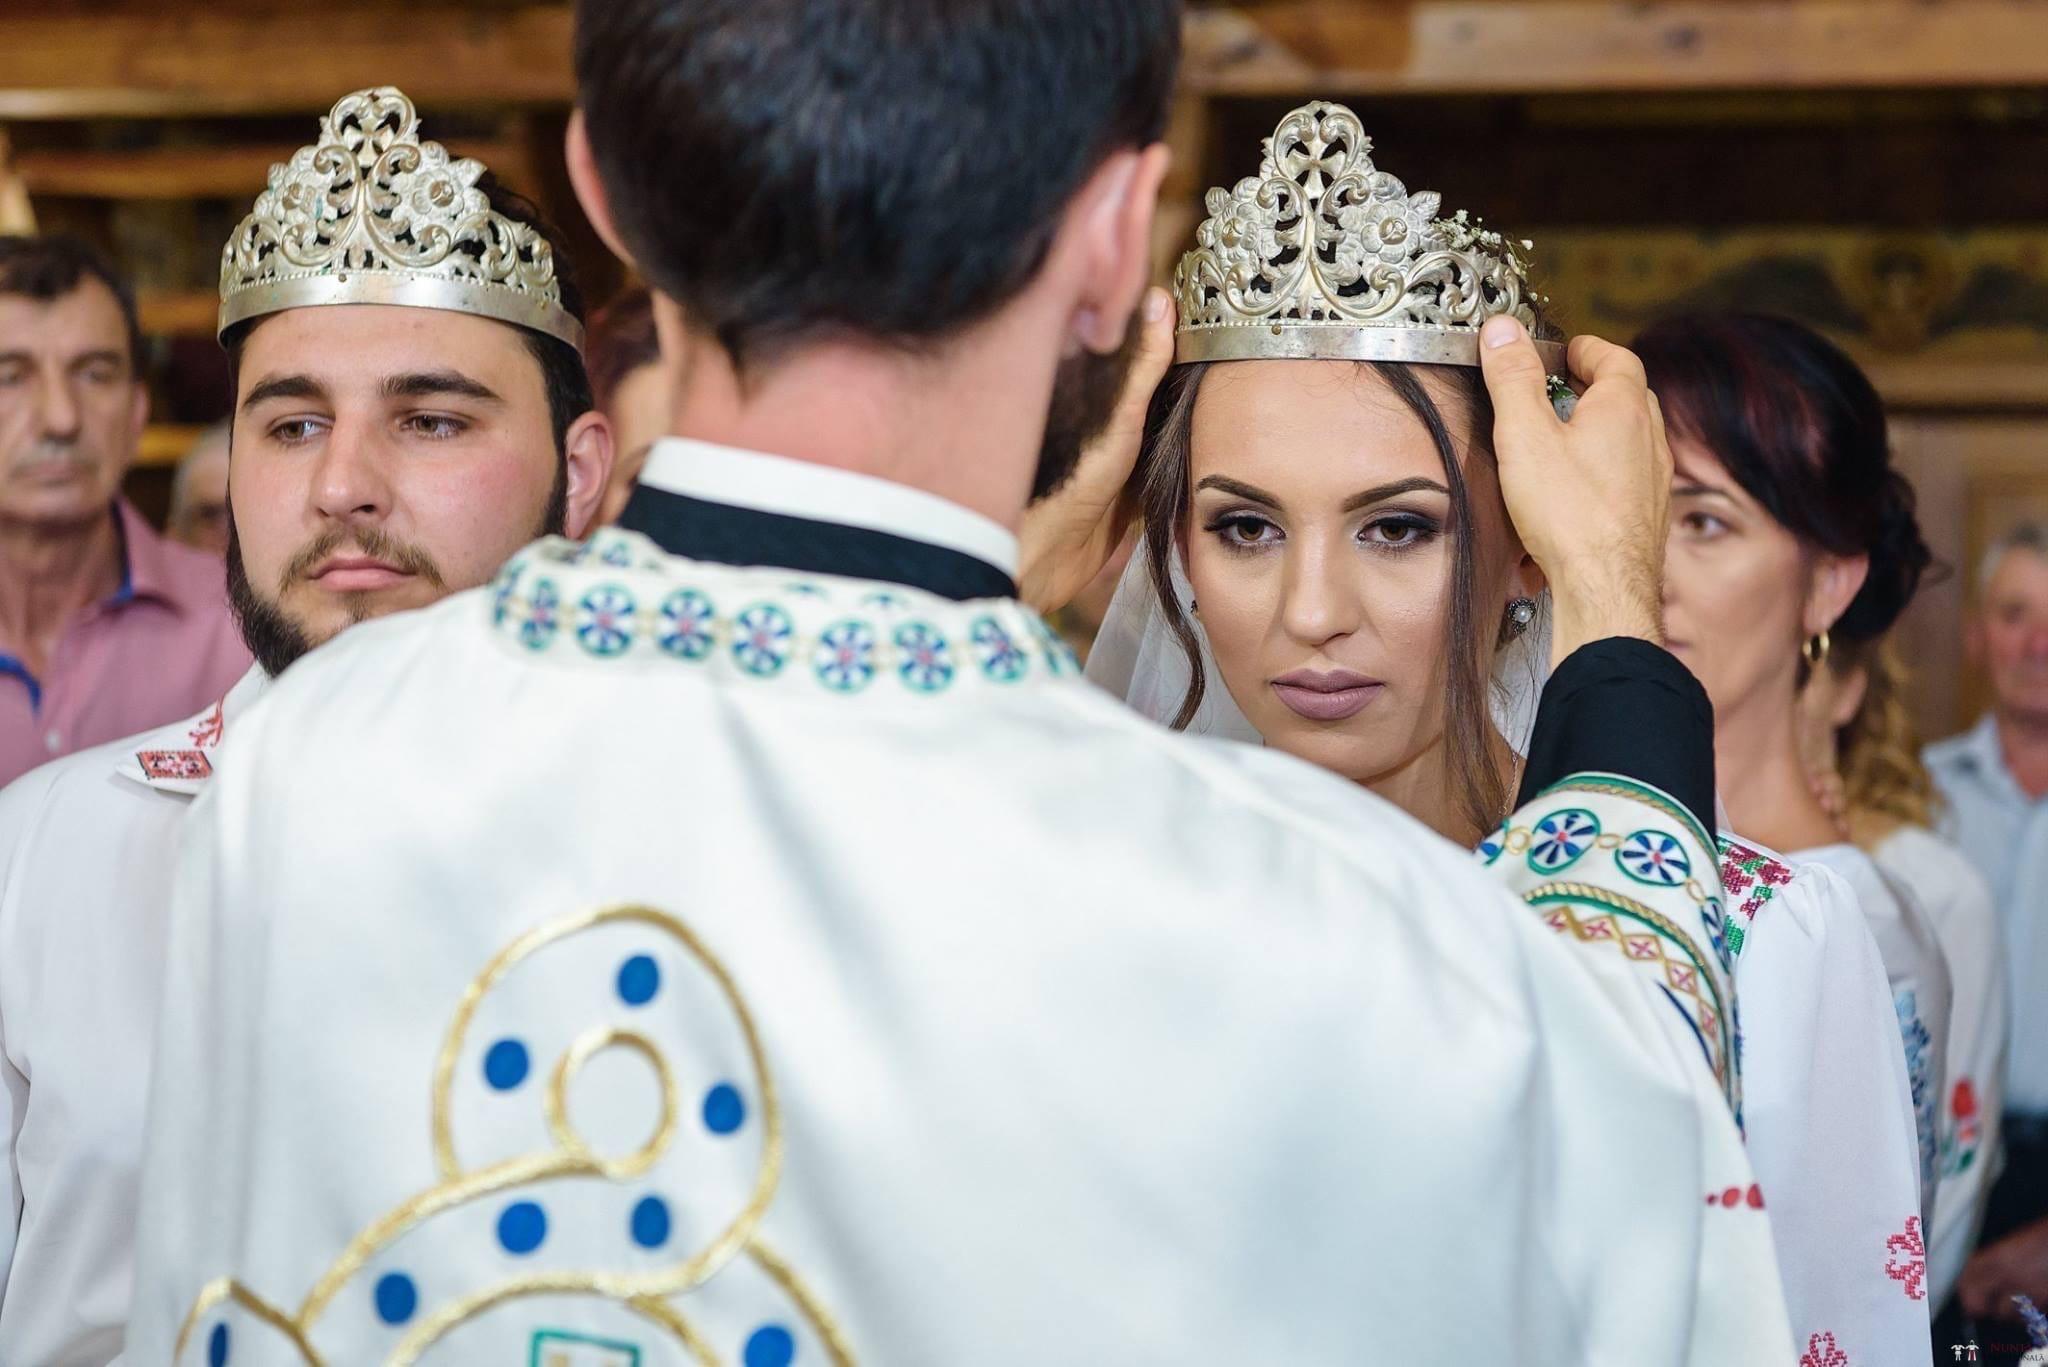 Povești Nunți Tradiționale - Daniela și Cristian, nuntă tradițională în Slobozia, Giurgiu 51